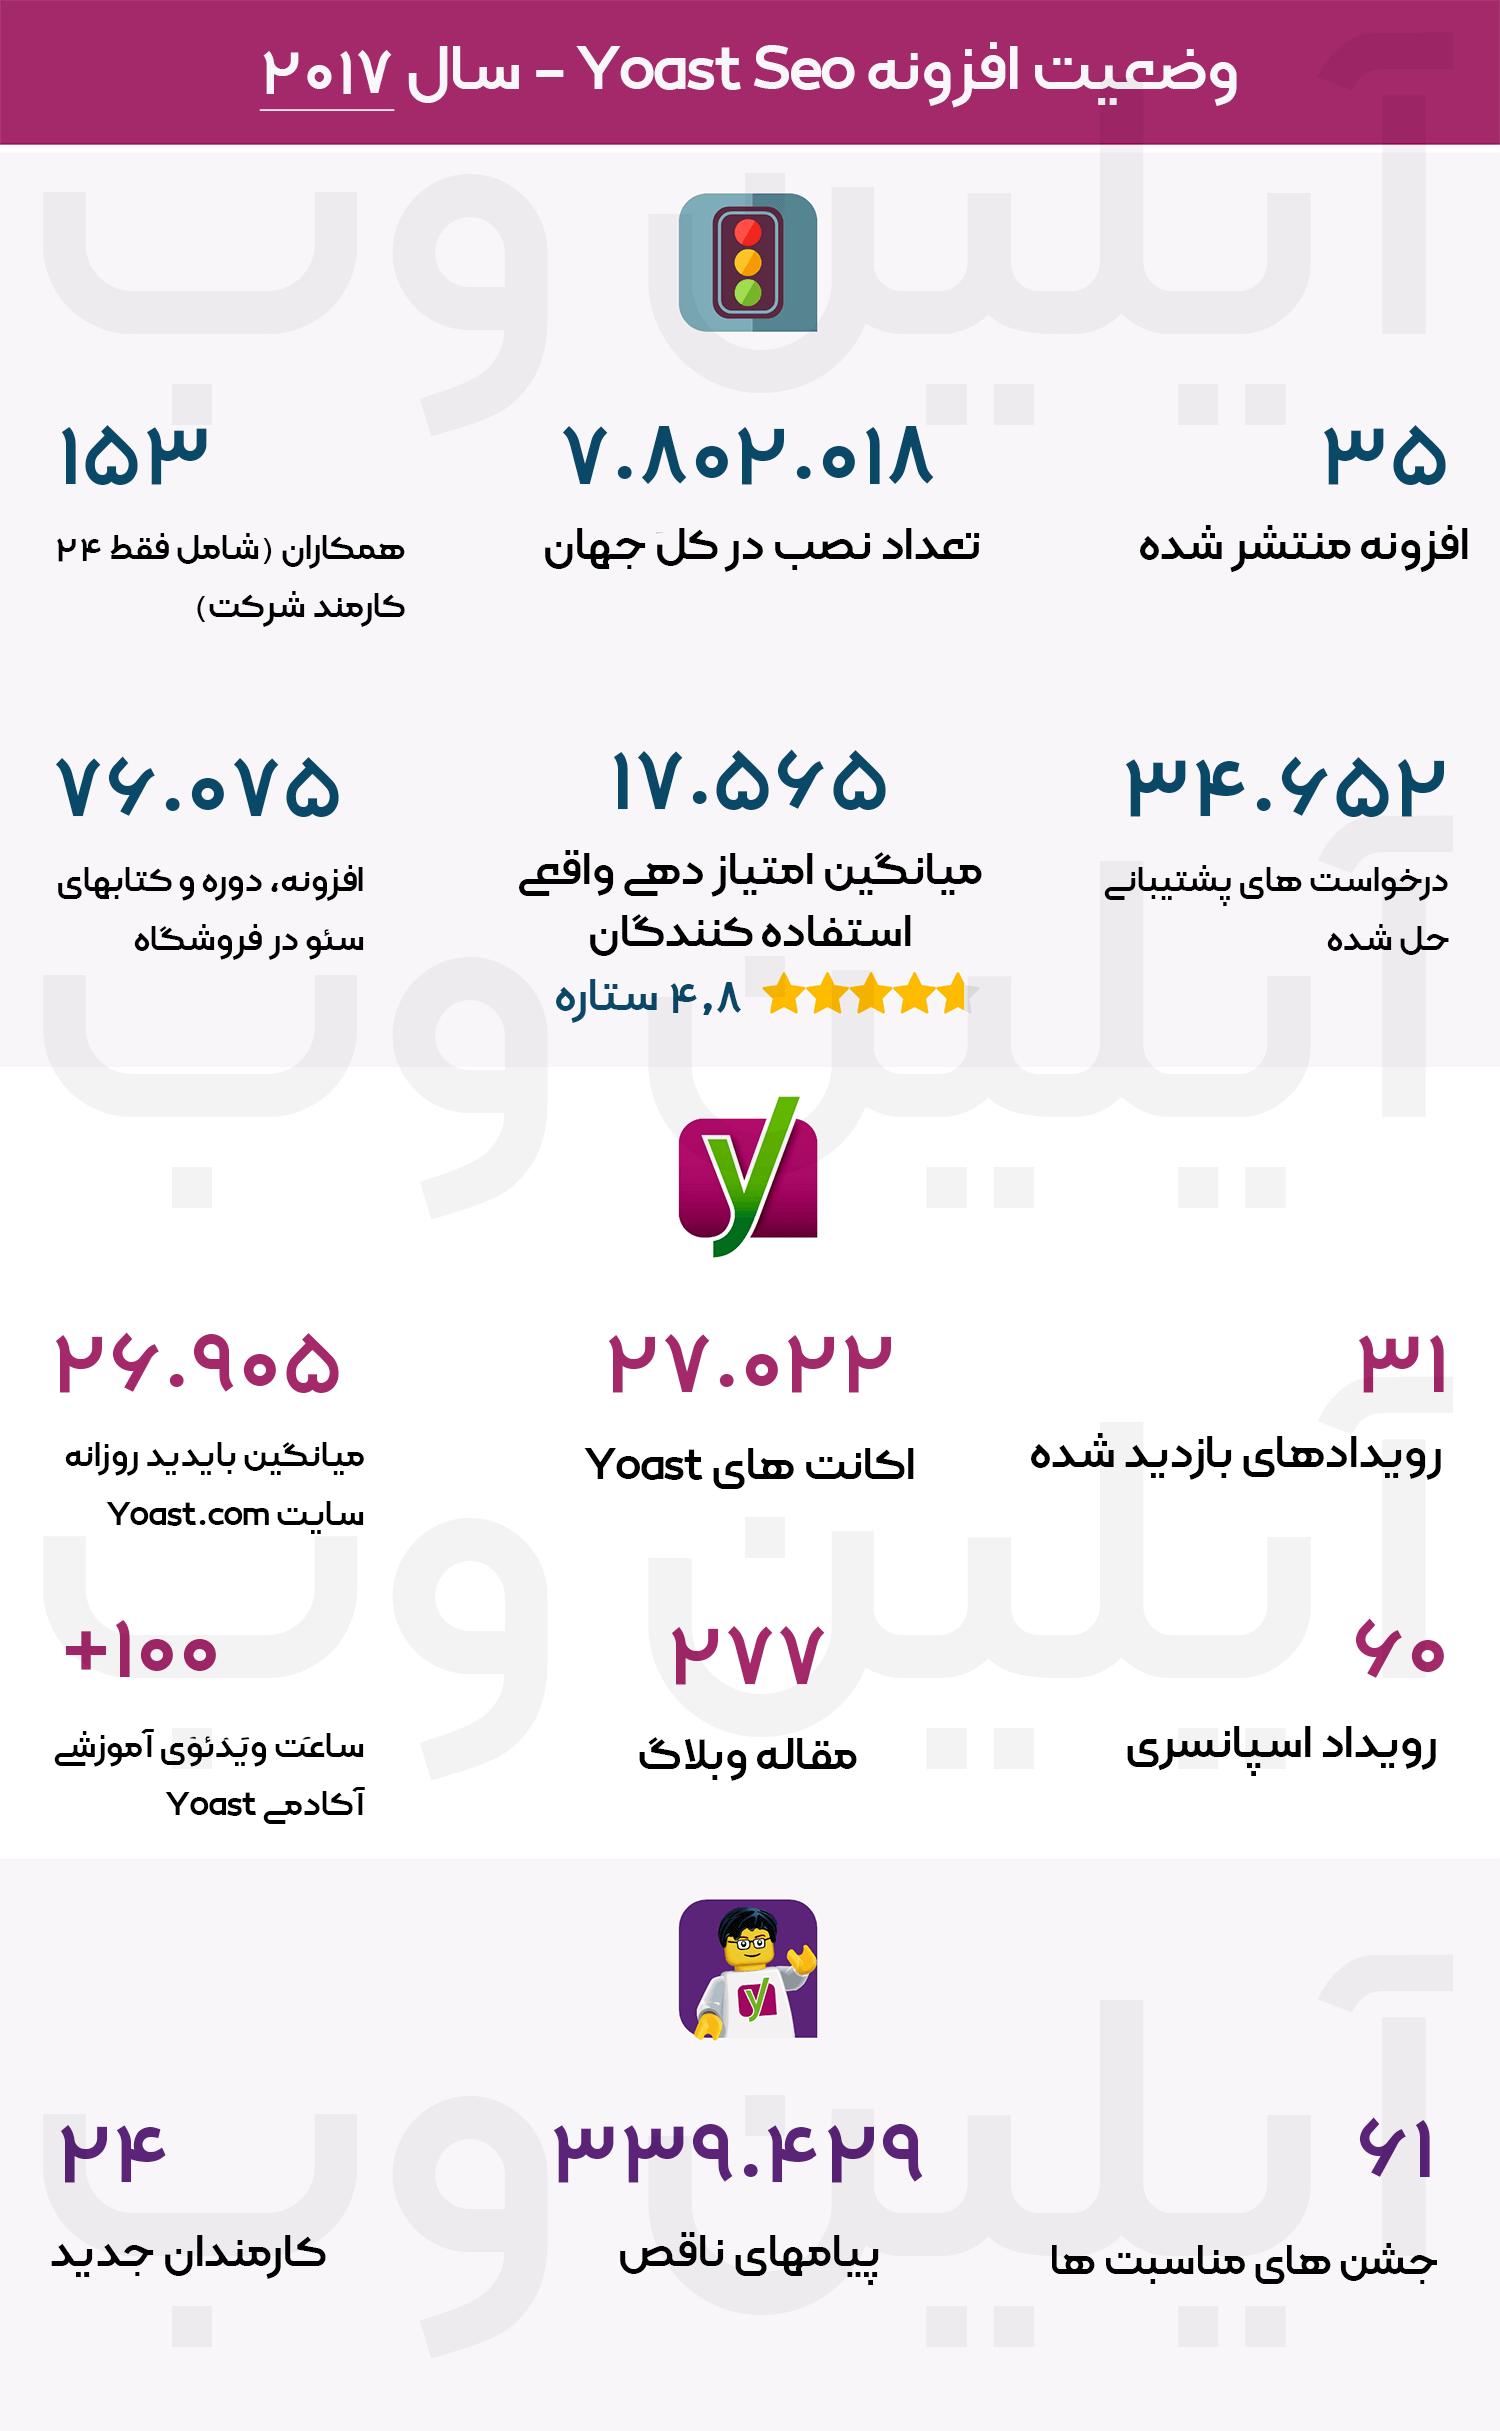 آمار پلاگین yoas seo